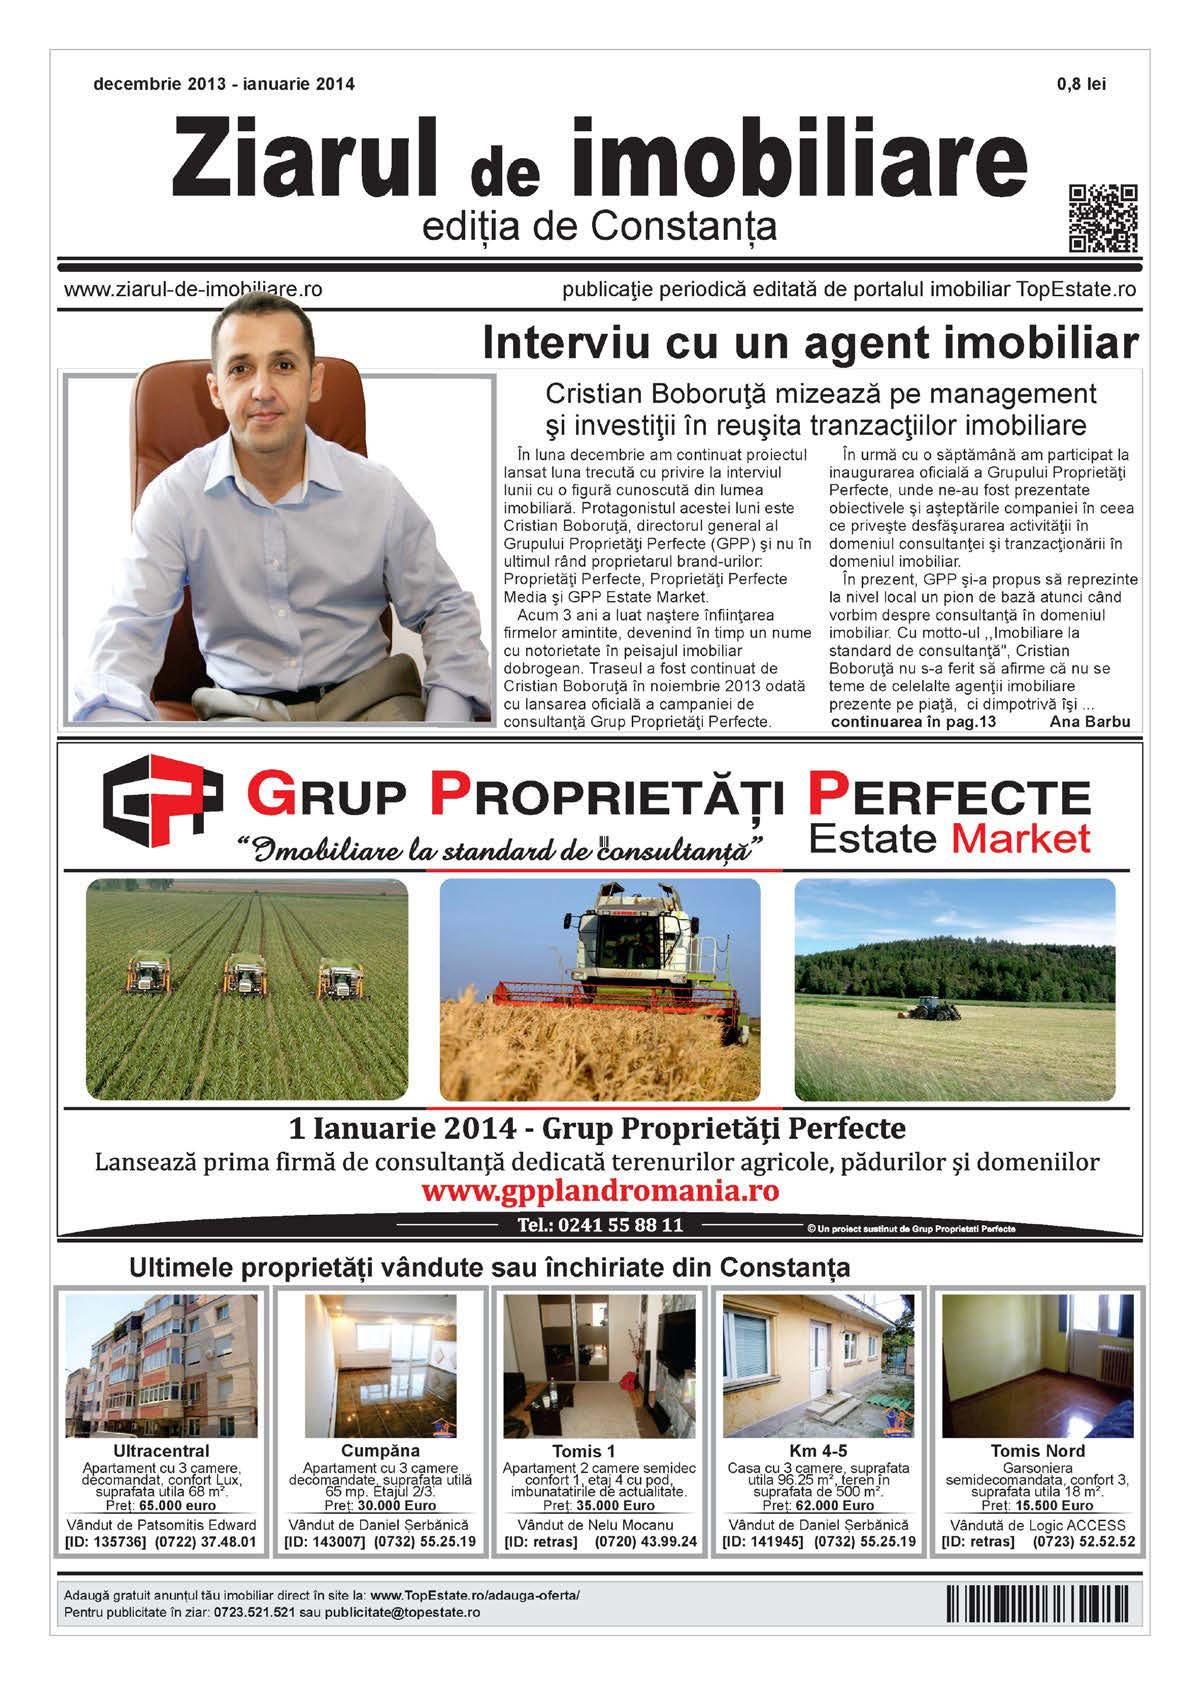 Ediţia de Constanţa, 02 Decembrie 2013